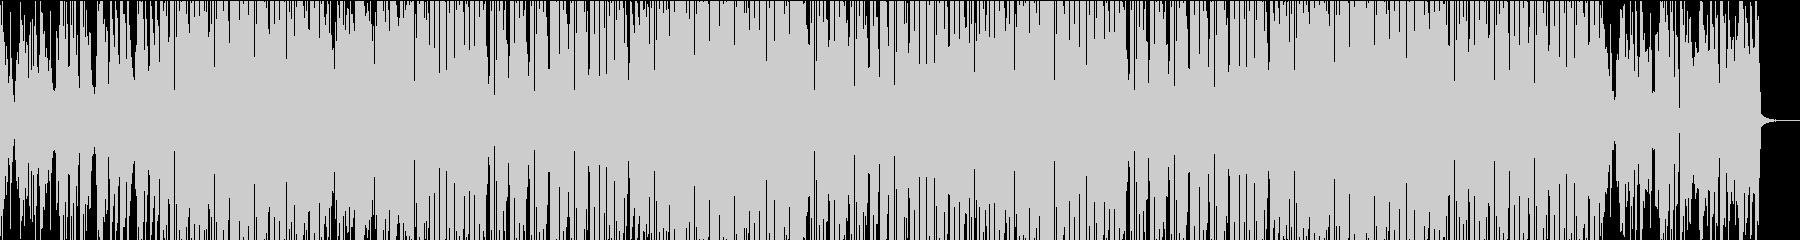 オープニング・ほのぼの・ヒップホップ♫の未再生の波形